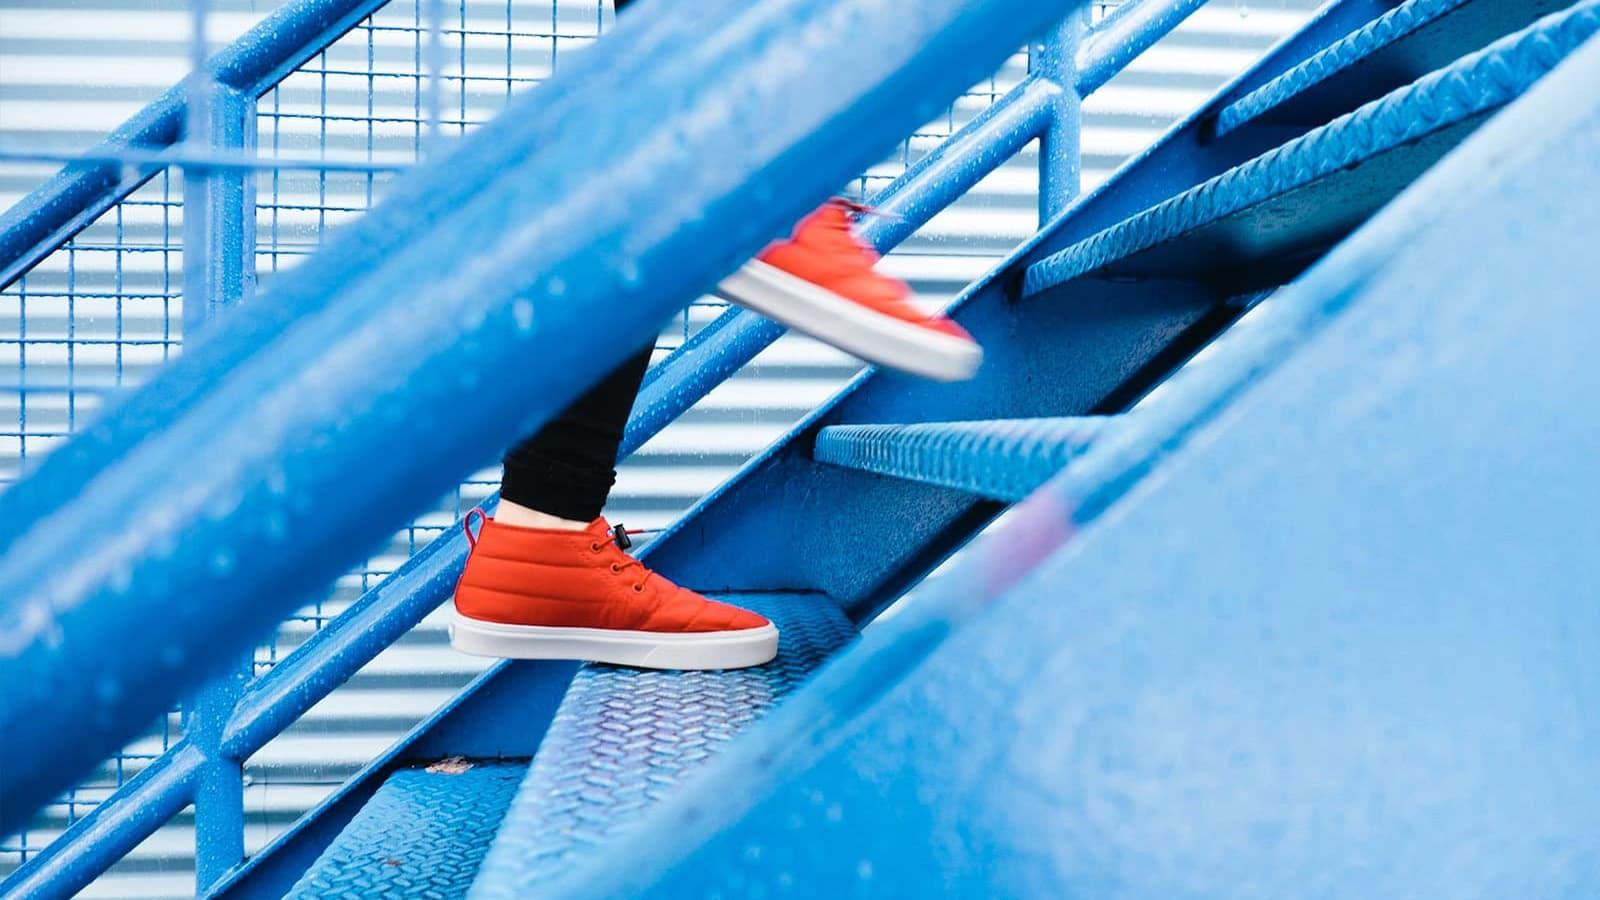 Berufliche Neuorientierung - Zurück zum Arbeitsglück